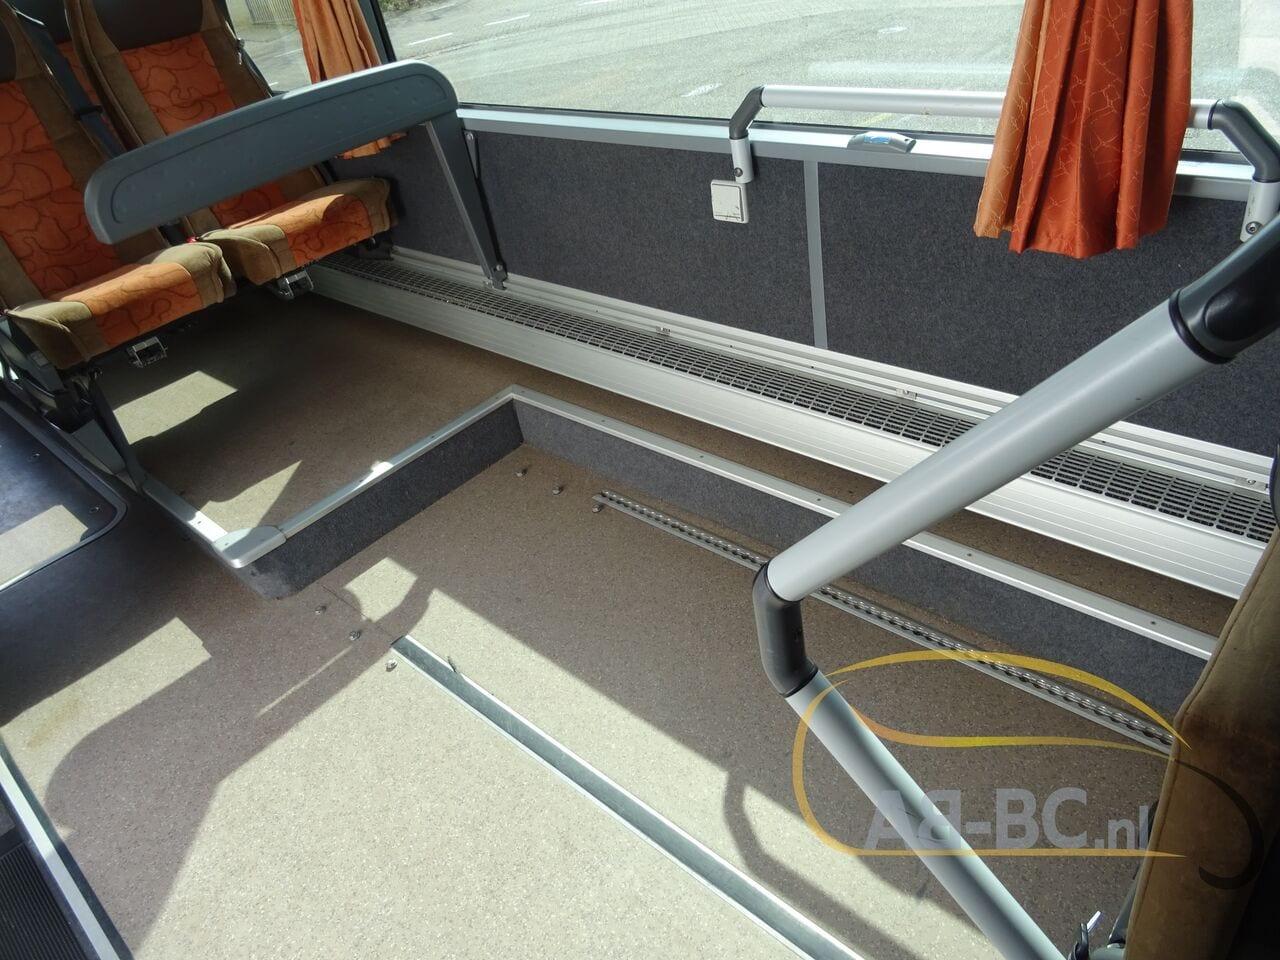 coach-busSETRA-S416H-48-SEATS-LIFTBUS---1620309890863172031_big_8d060b069d5922e7470de9acc5b6adb8--21050616581387095000